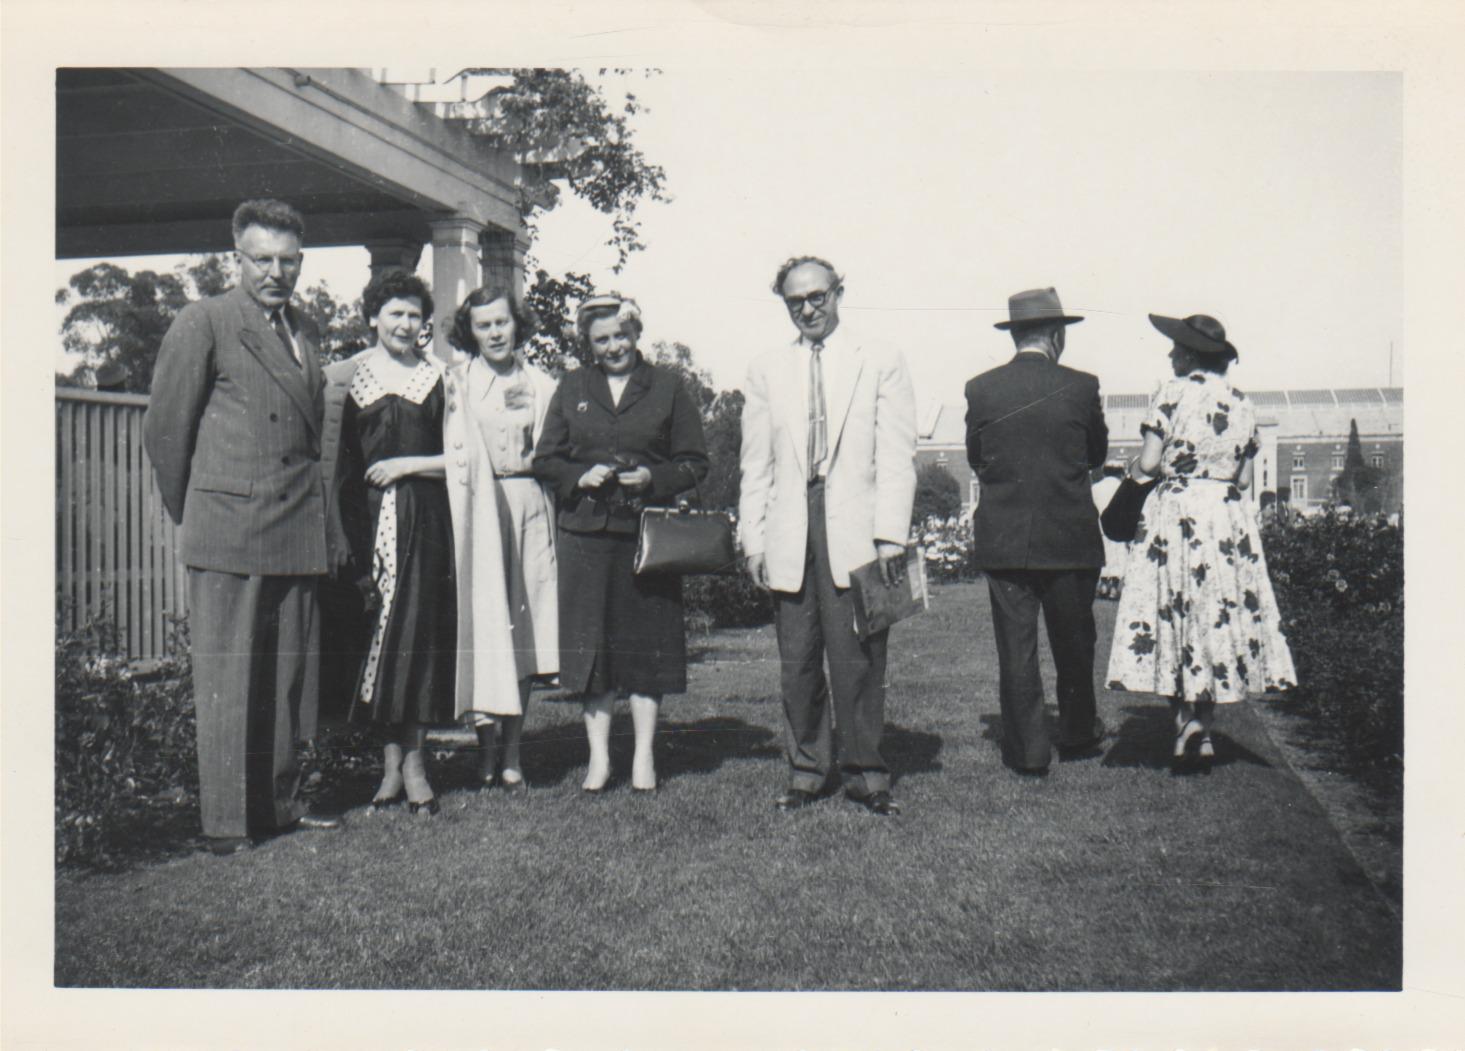 Iš kairės: J. Tininis, Veronika Andrašūnienė, nežinoma, E. Tumienė, Bern. Brazdžionis. JAV, apie 1956 m.